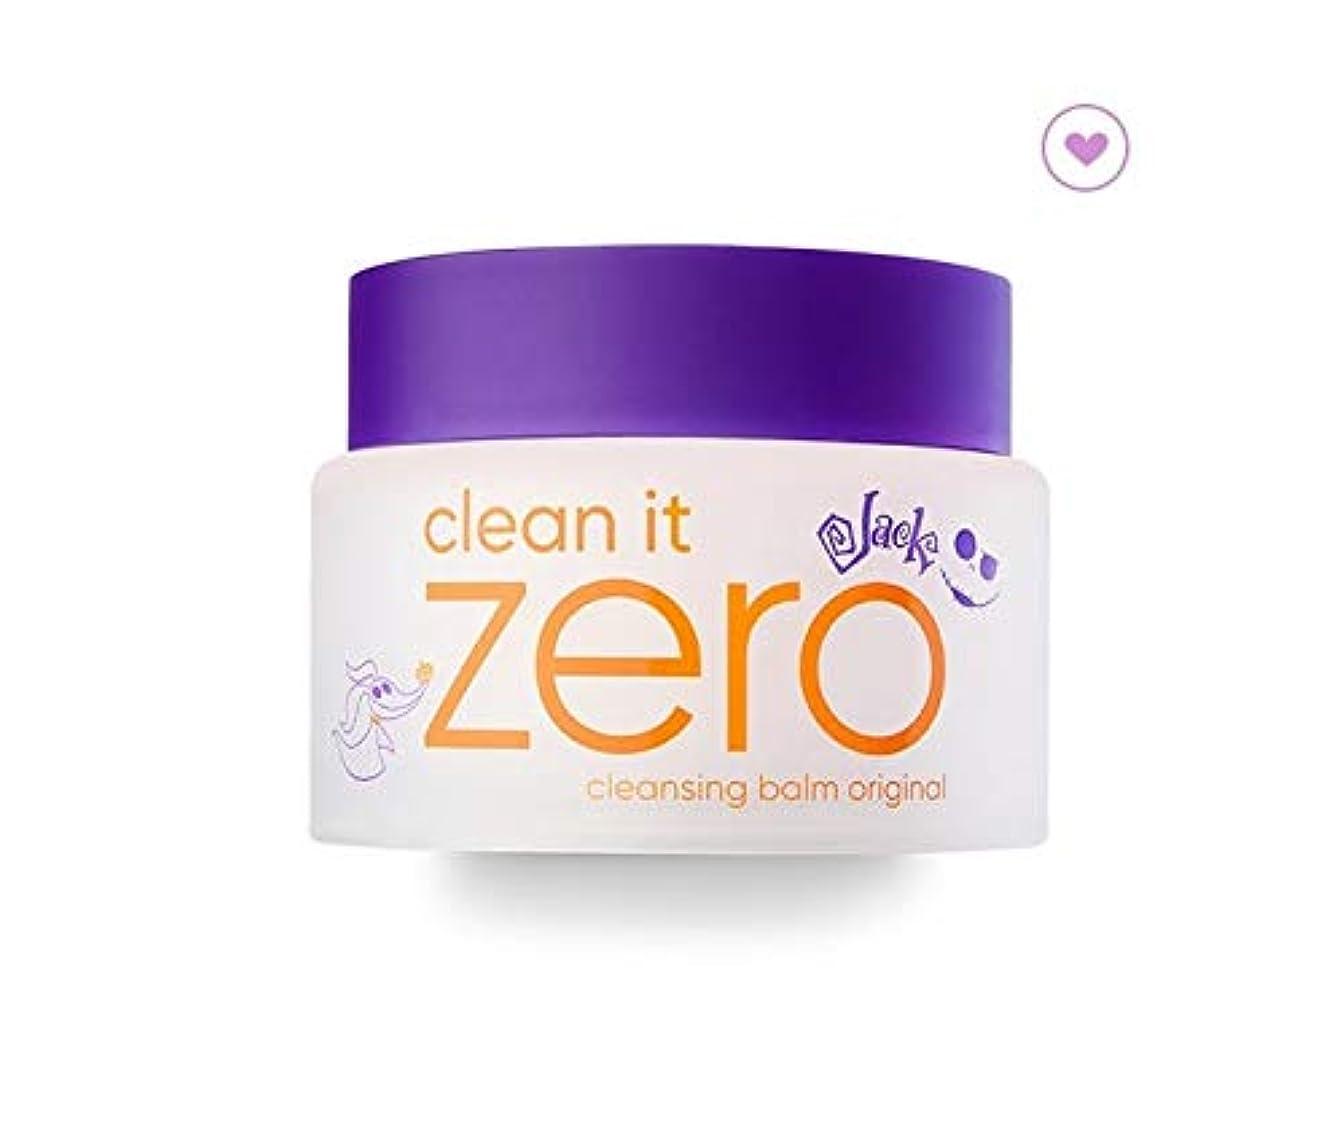 敬意を表する男らしい検索エンジンマーケティングbanilaco クリーンイットゼロクレンジングバームディズニーコレクション(パープル) / Clean It Zero Cleansing Balm Disney Collection (Purple) 100ml [...